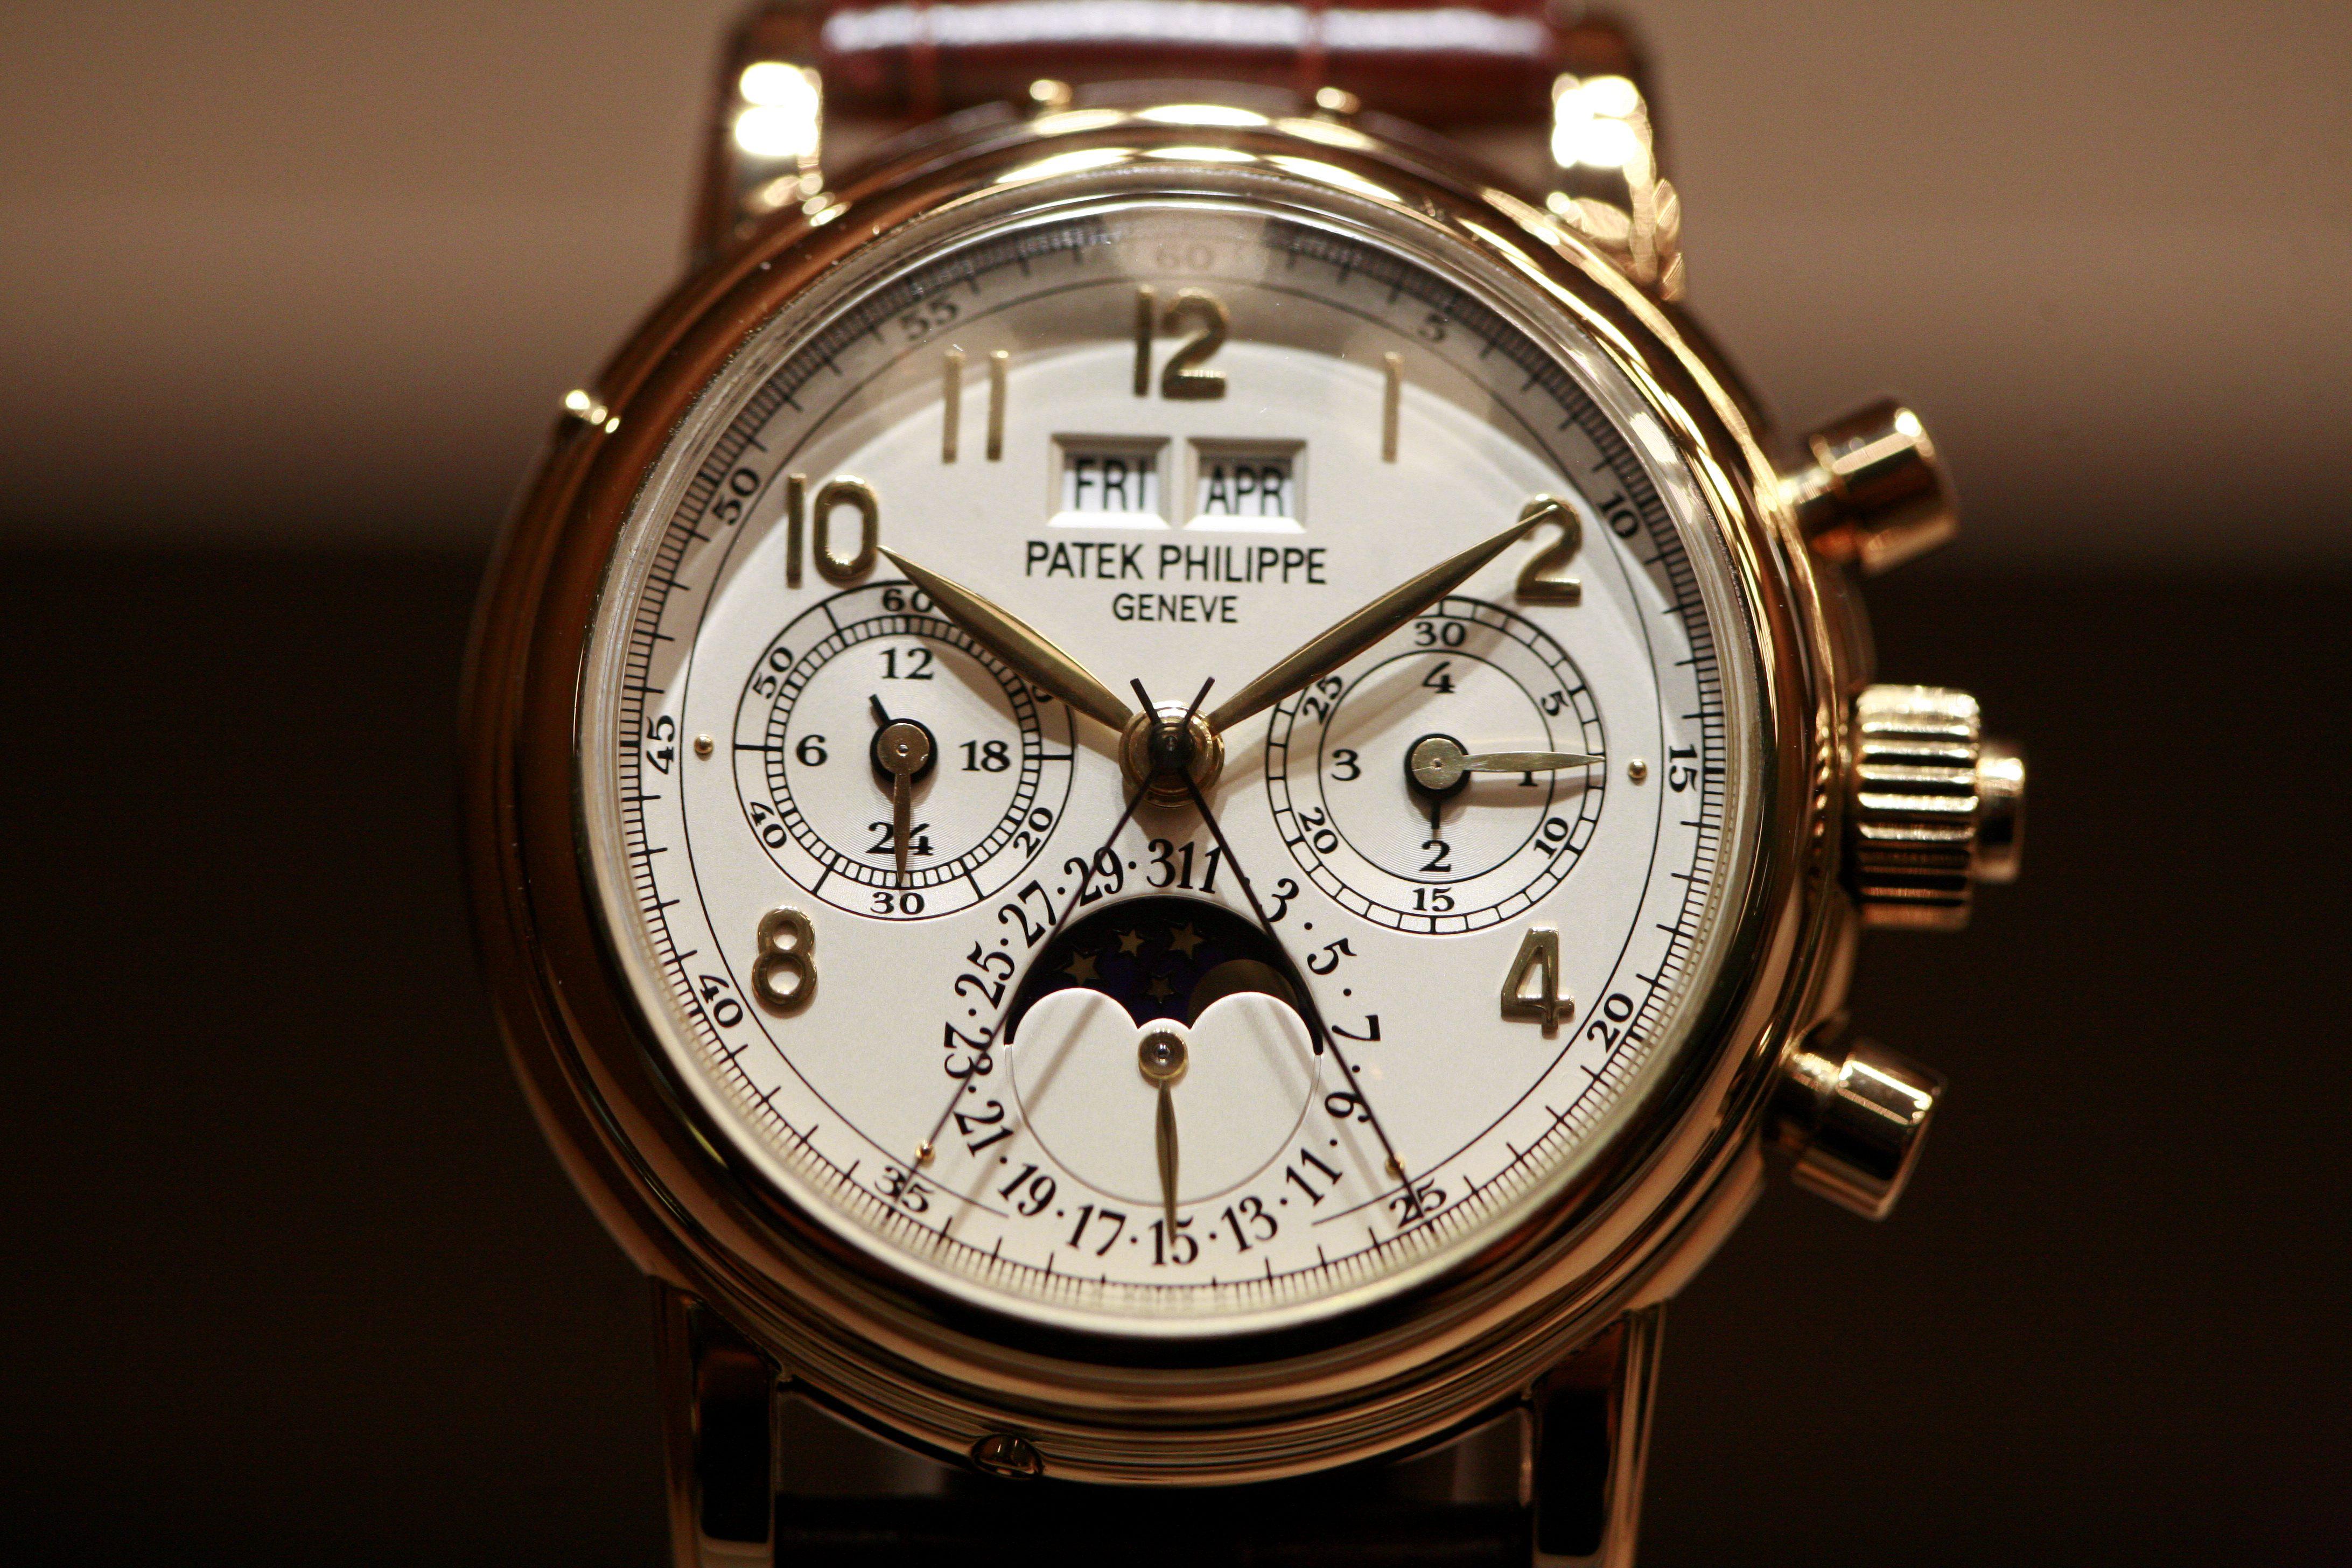 Patek-PhilippeGiải đáp ý nghĩa đồng hồ  kim chỉ 10 giờ 10 phút